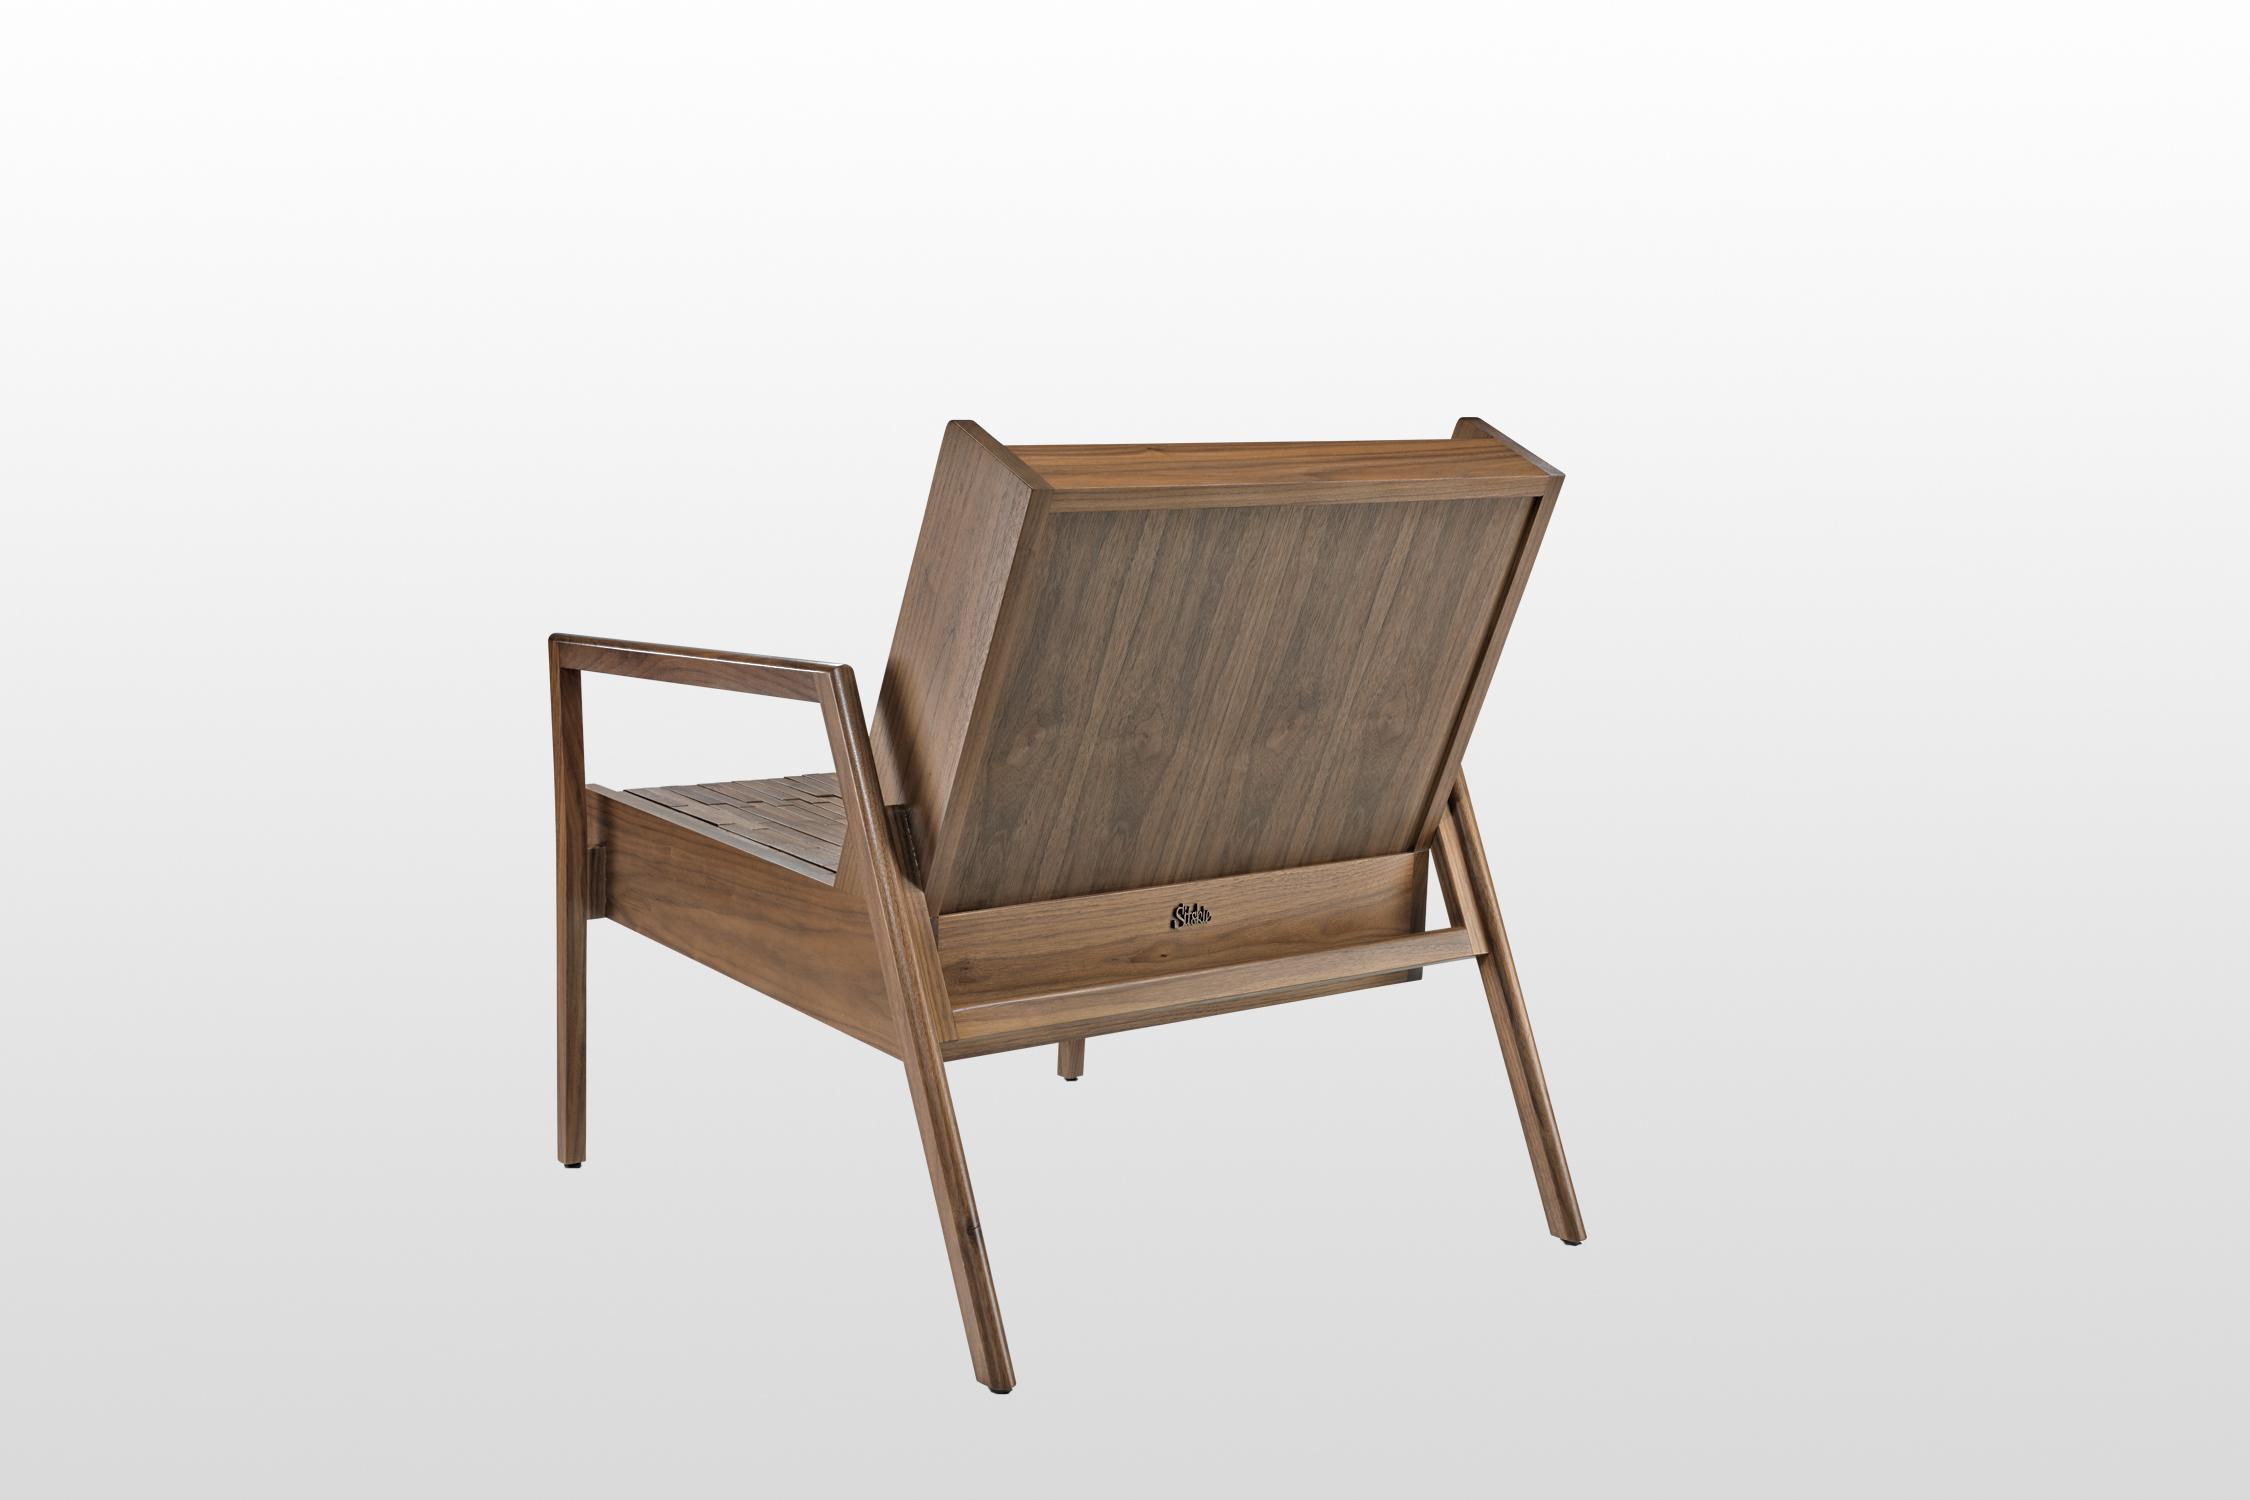 Block chair armed2.jpg